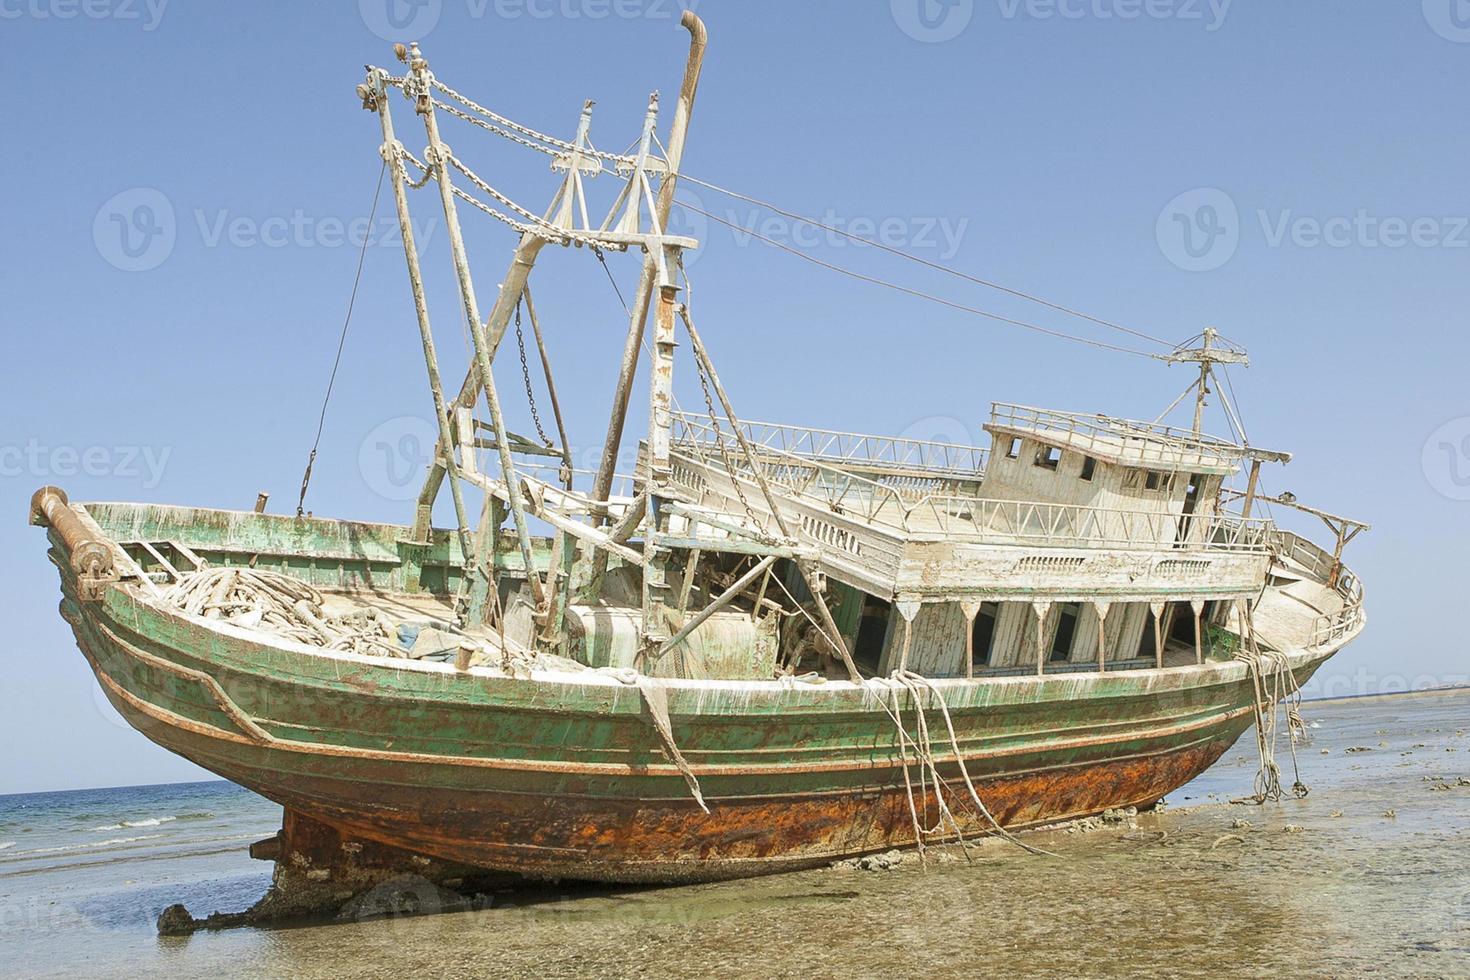 barco varado en la costa egipcia foto